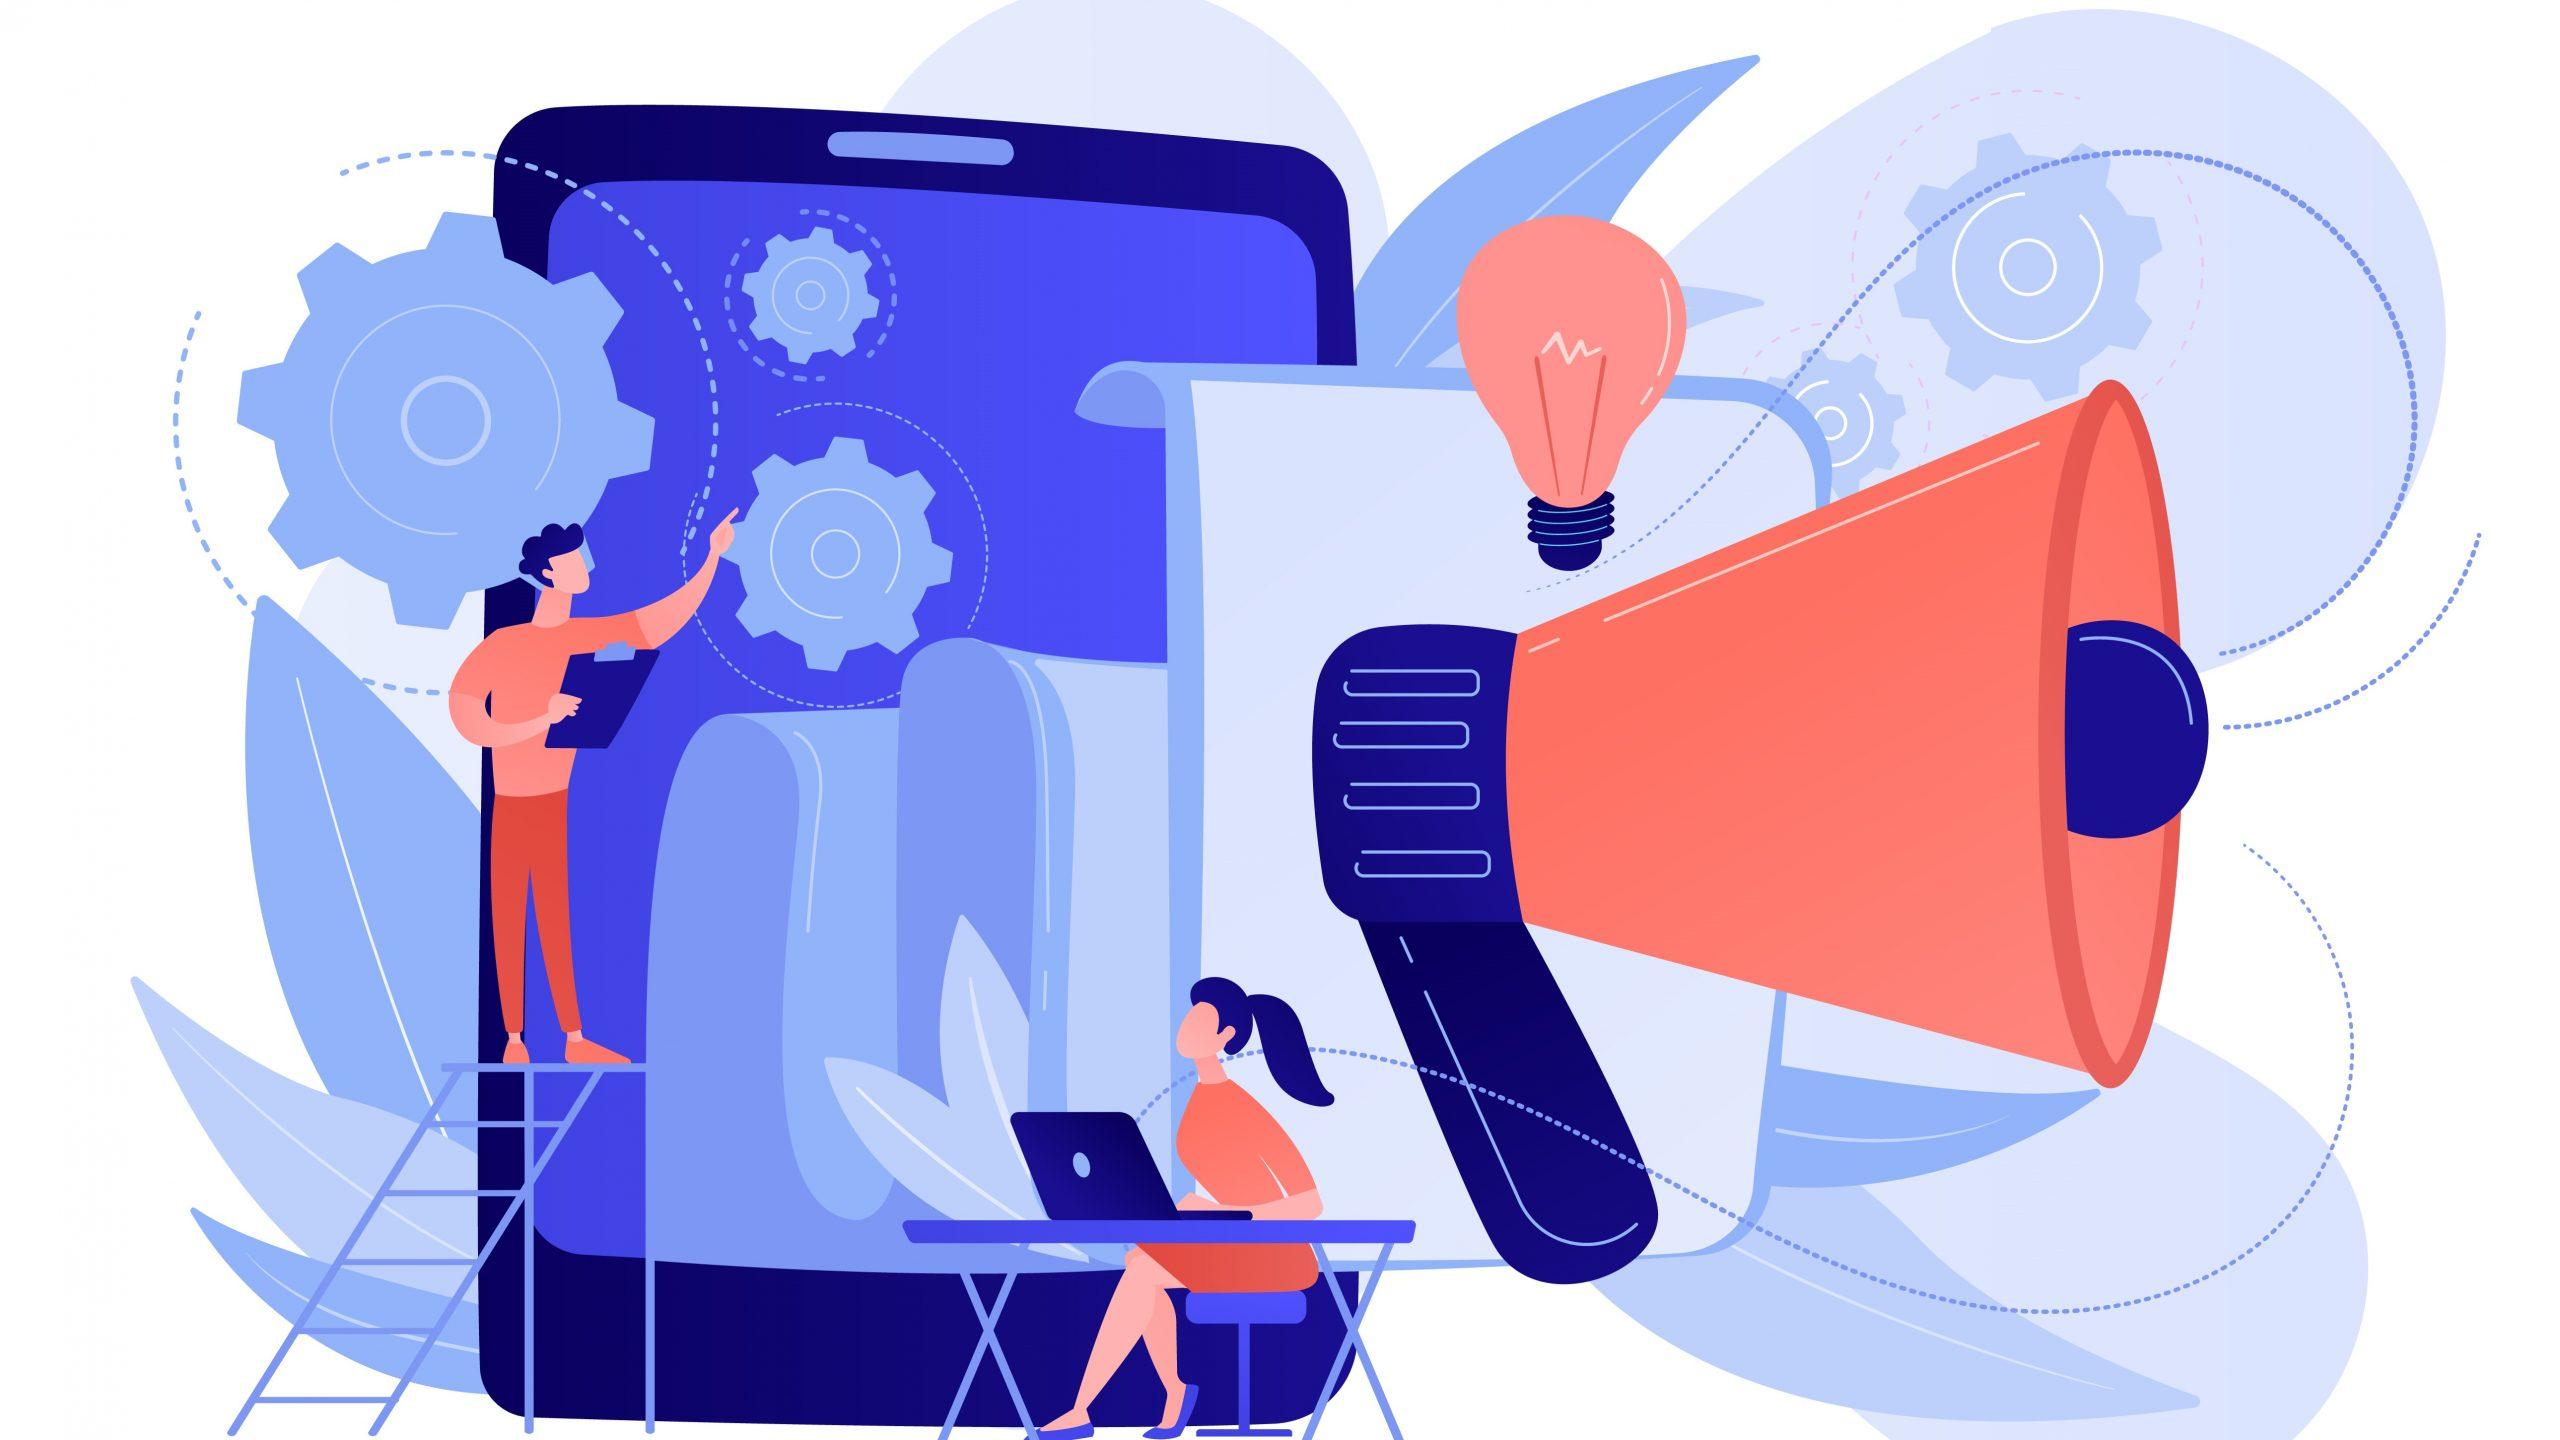 طرح بازاریابی دیجیتال و چگونگی اجرای آن